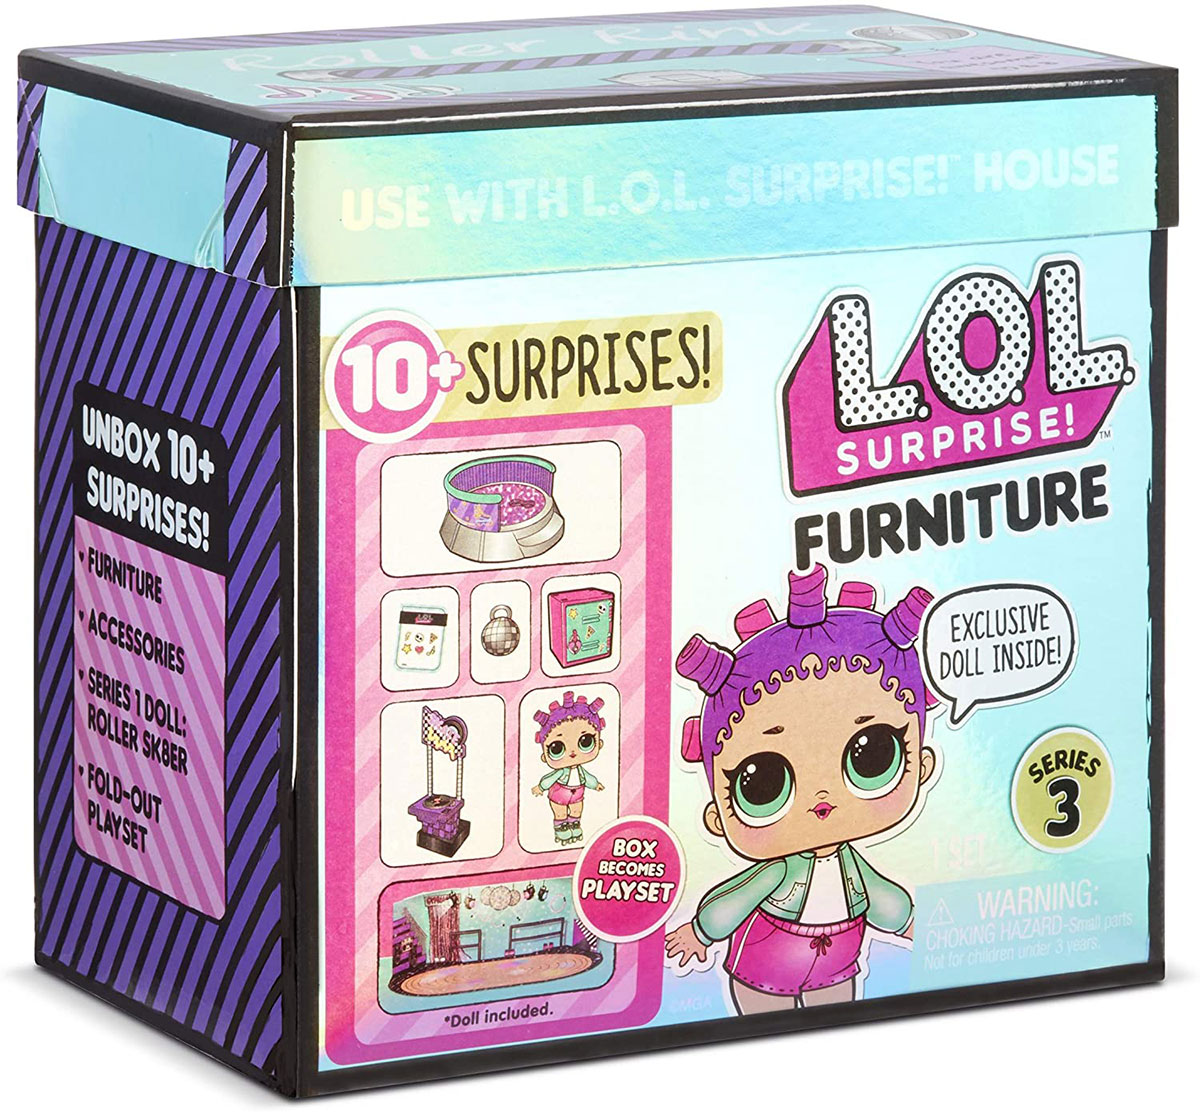 LOL Surprise! Meble dla lalek - Skating Park & Roller S